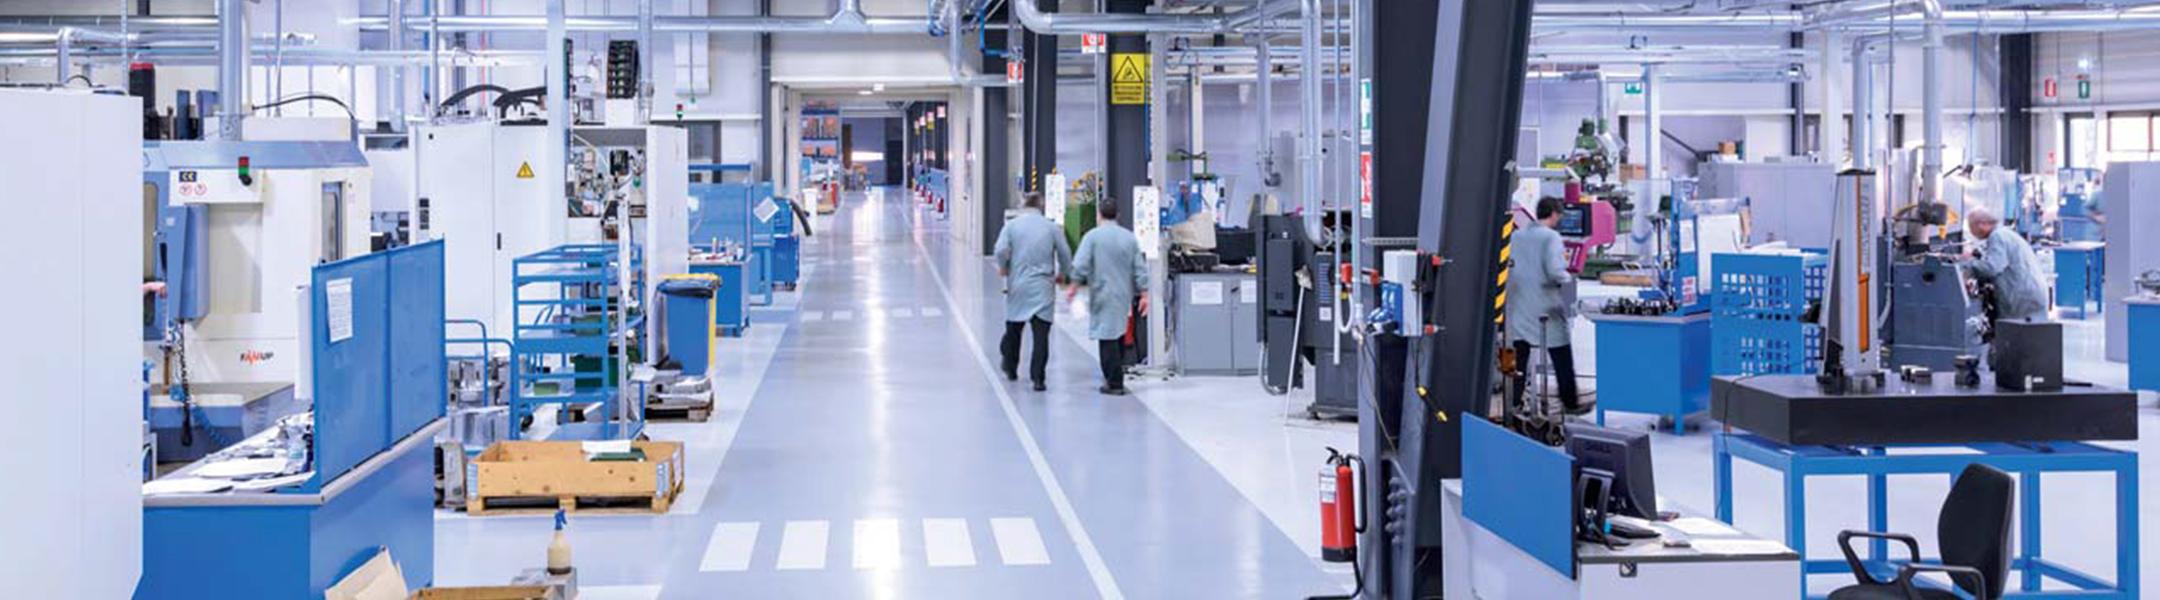 pavimentazioni industria meccanica